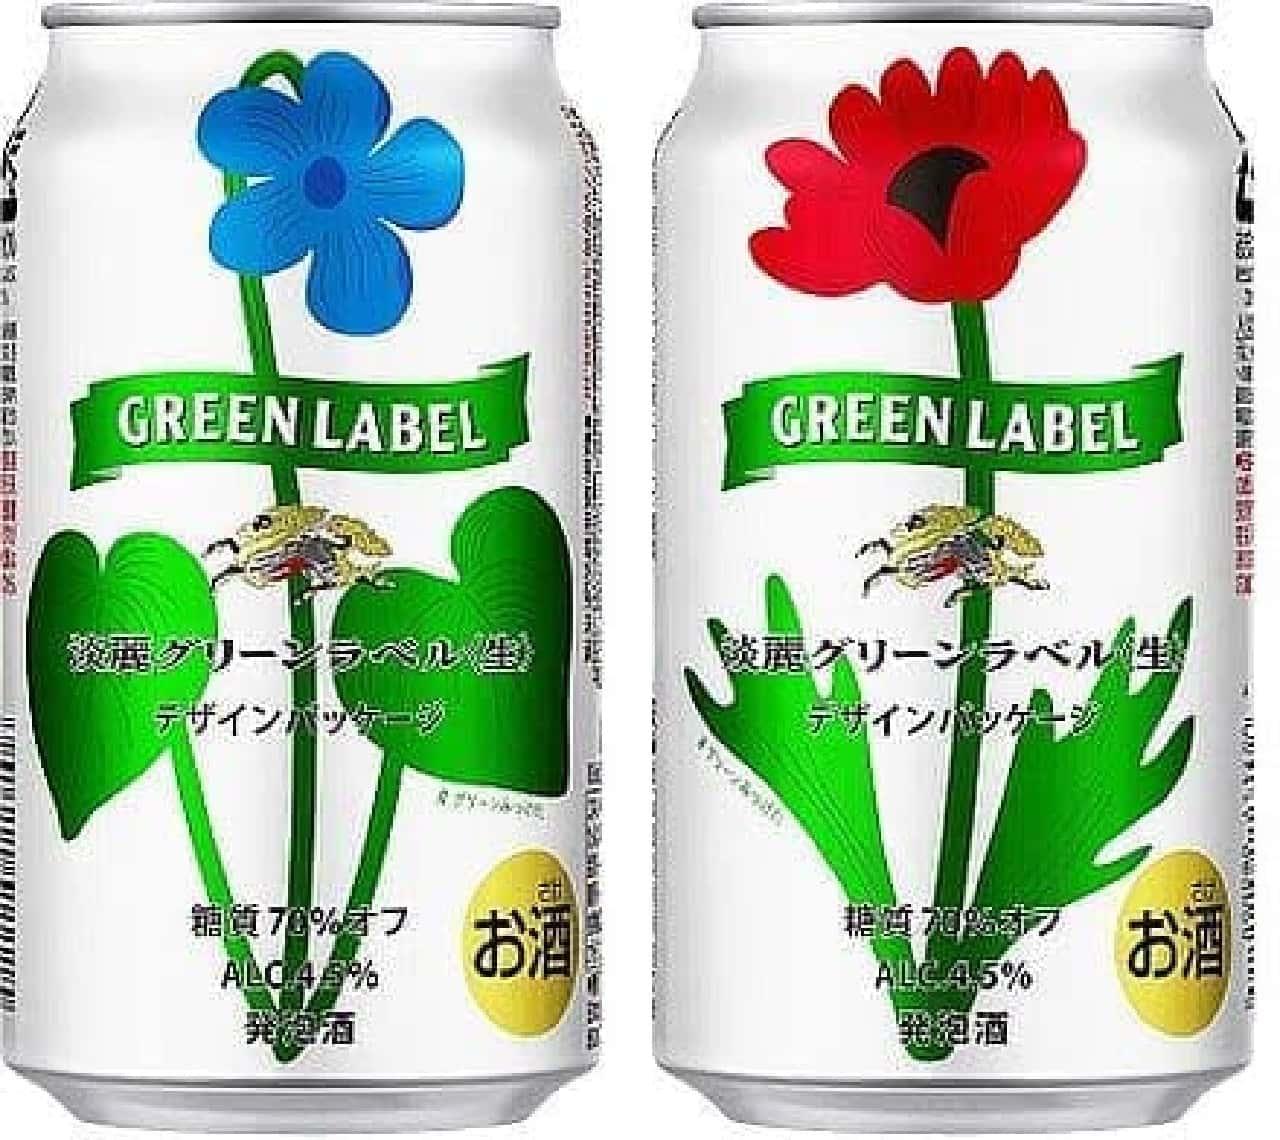 キリンビール「淡麗グリーンラベル 2月春うららデザイン缶」